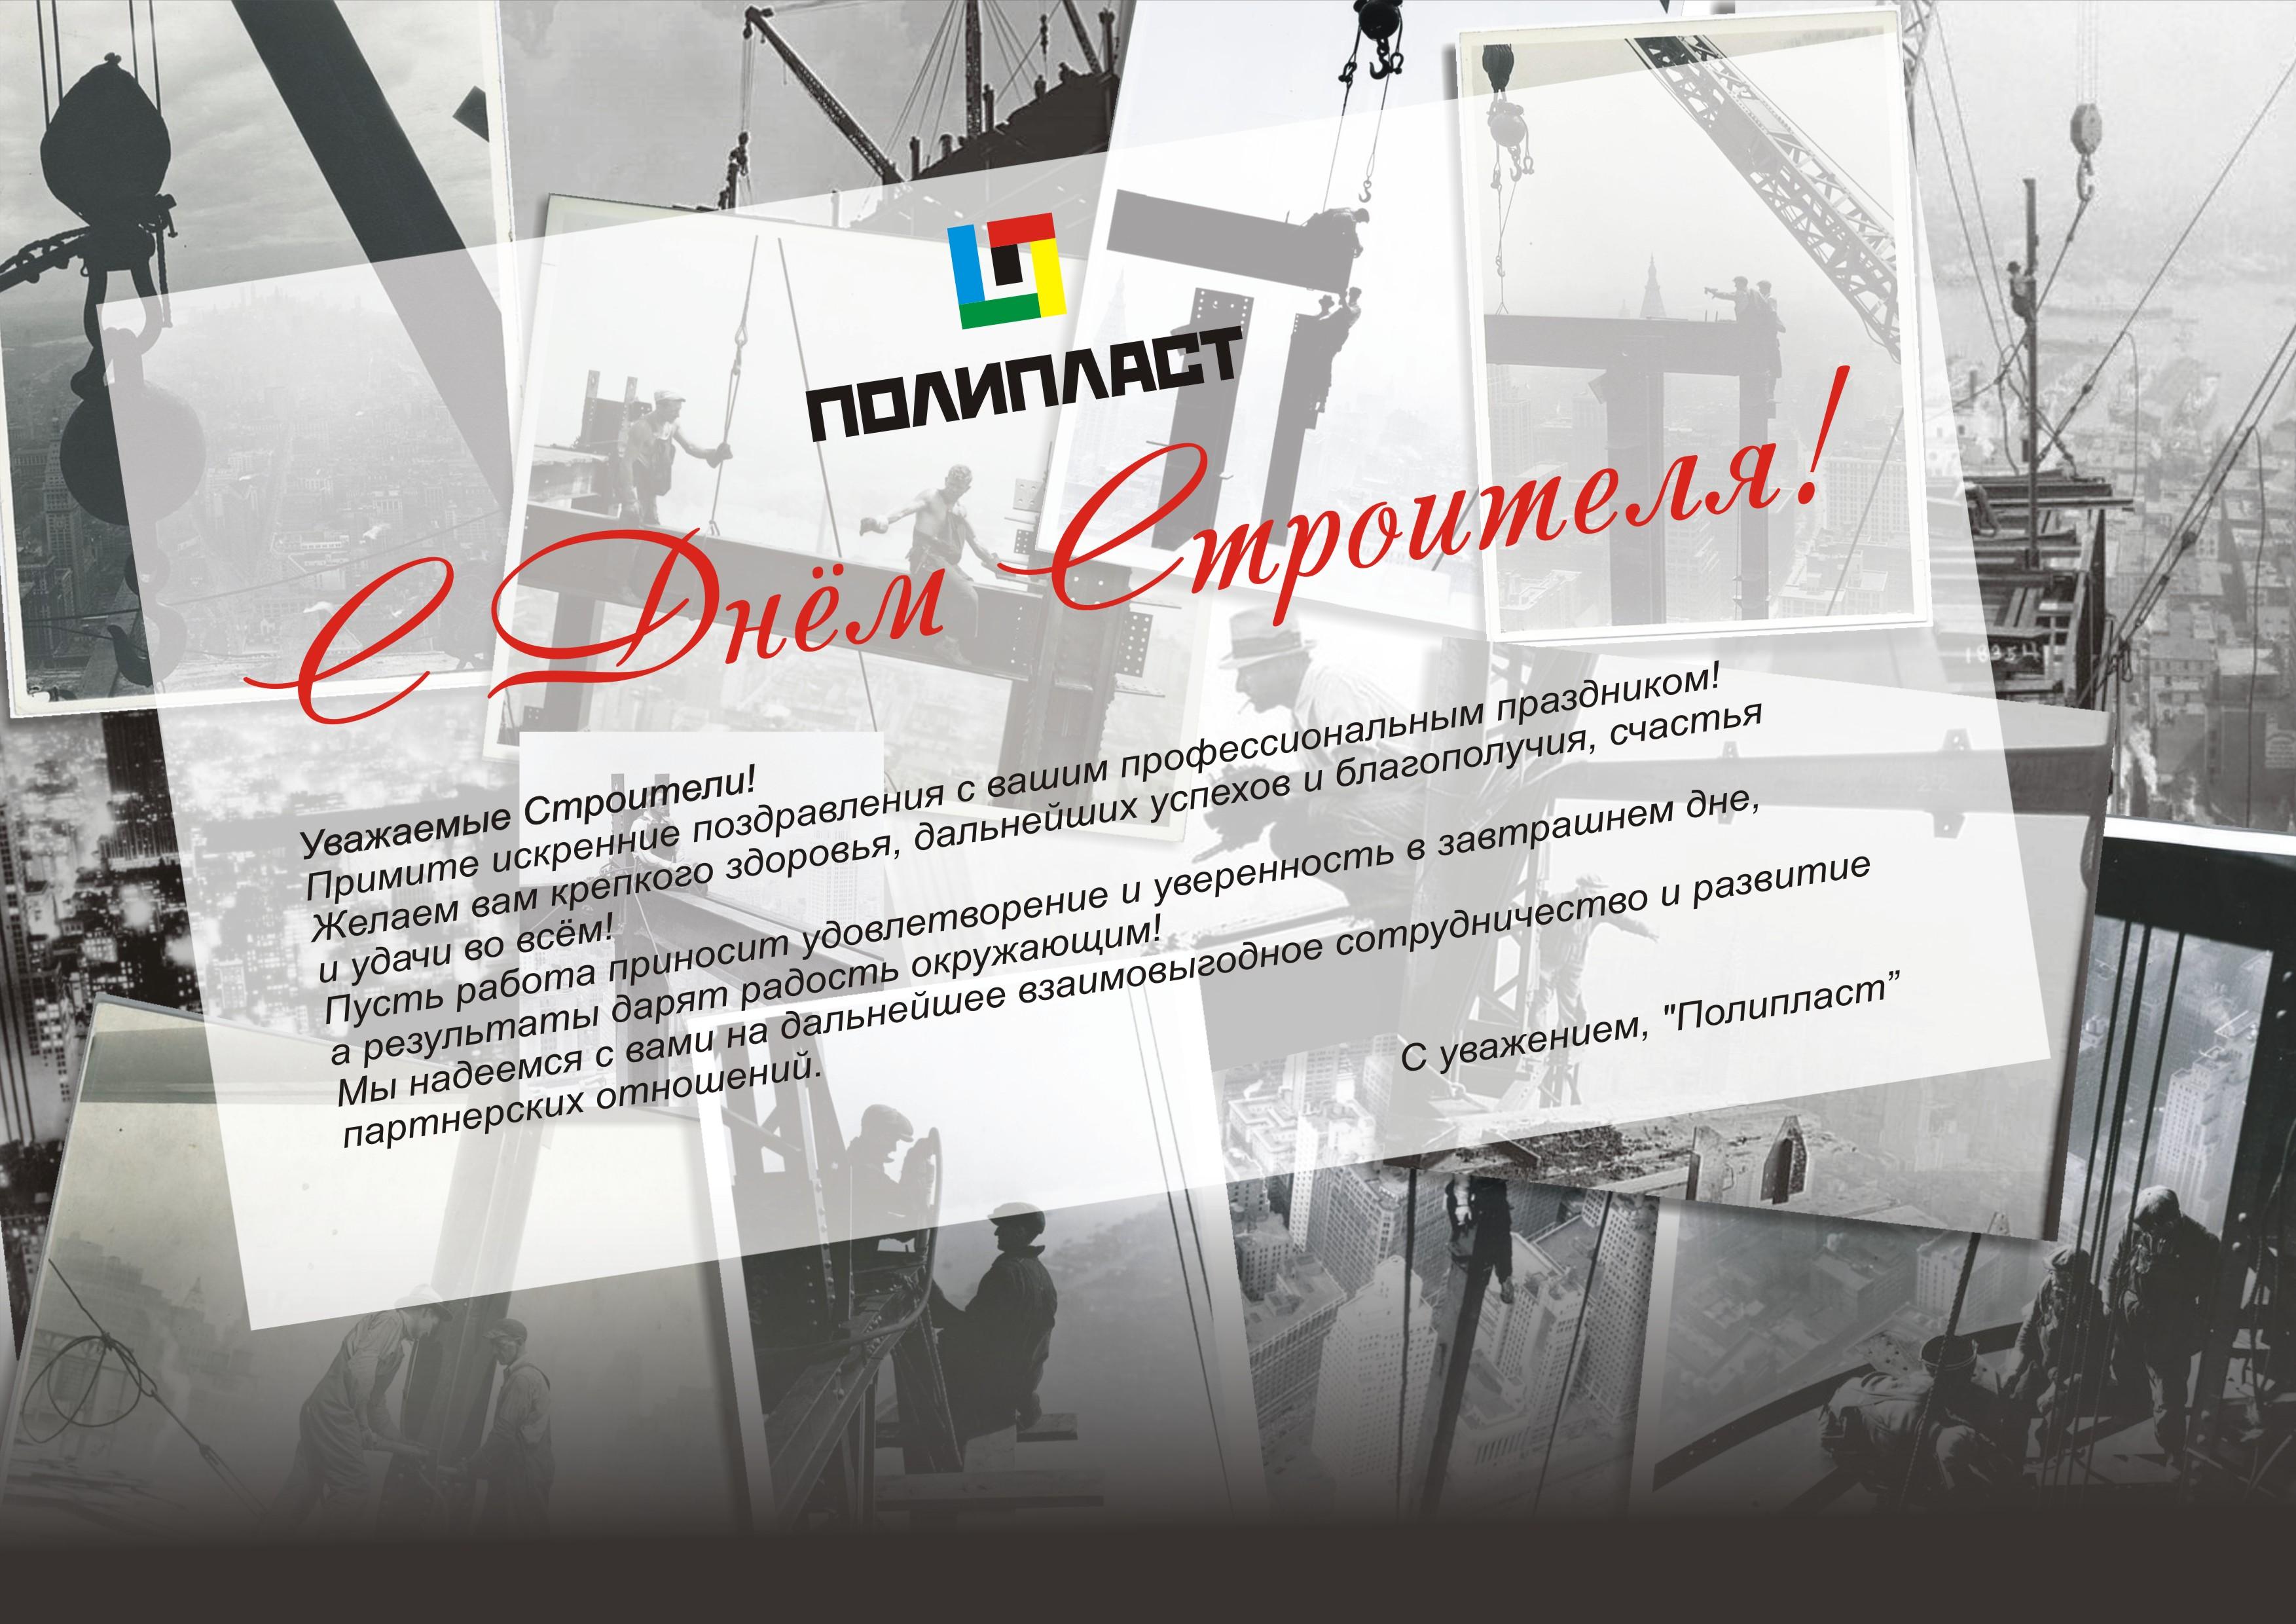 Поздравления строительной компании в стихах